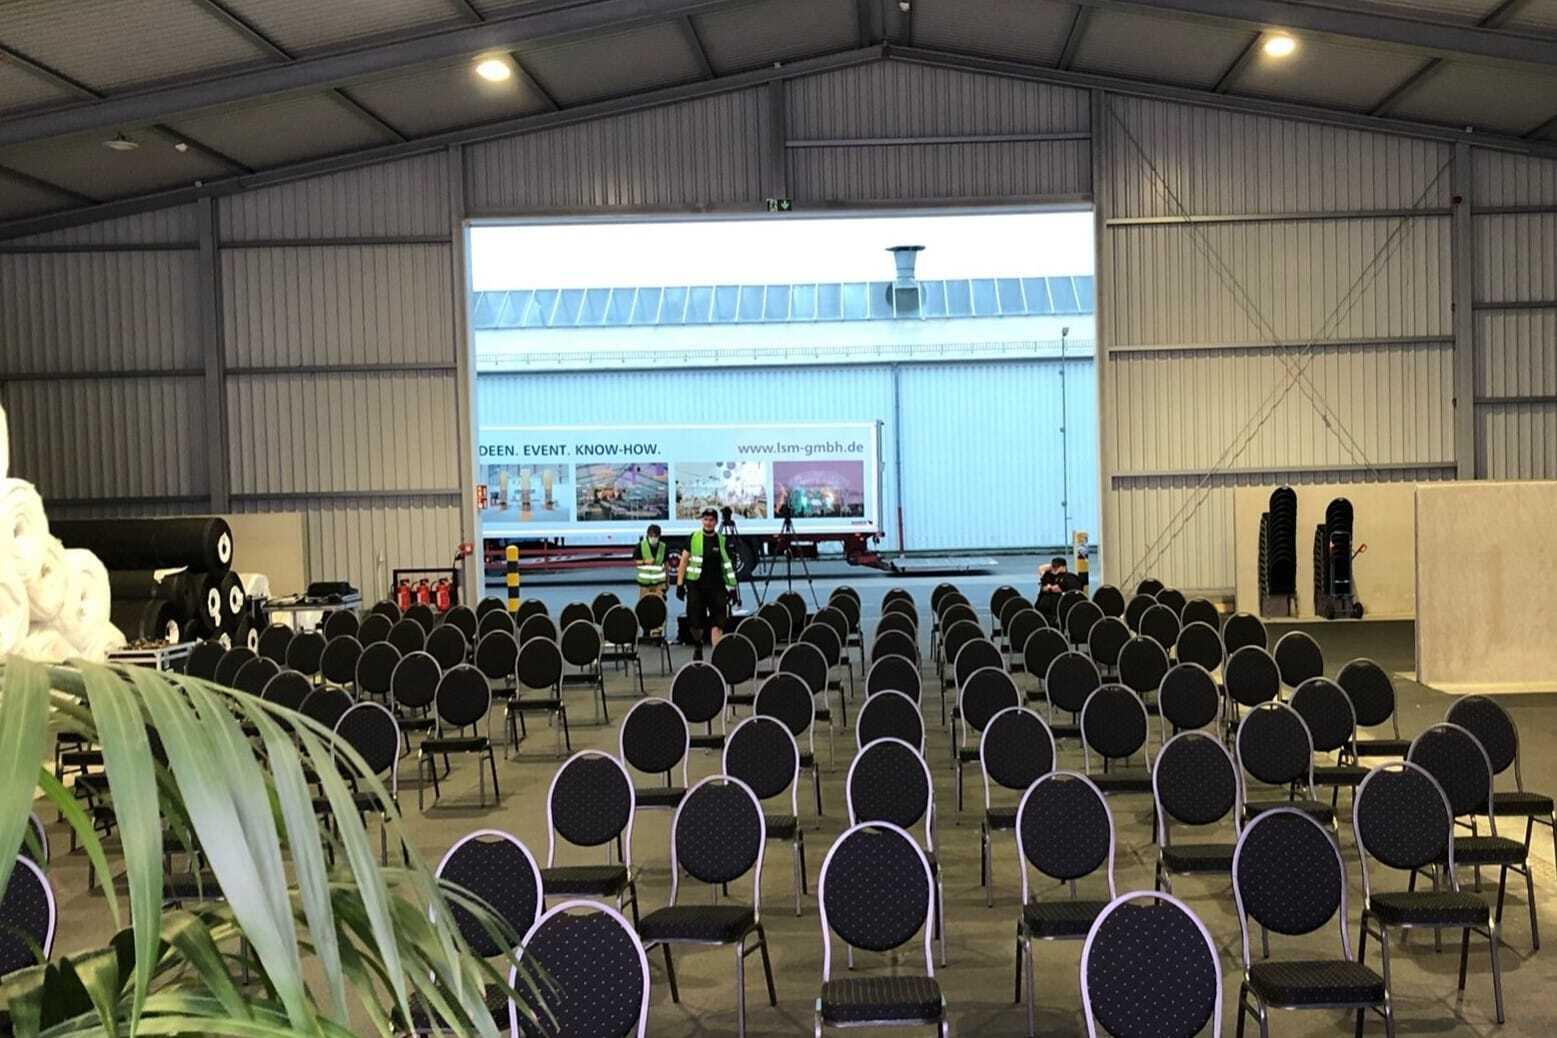 LSM GmbH Veranstaltungsraum